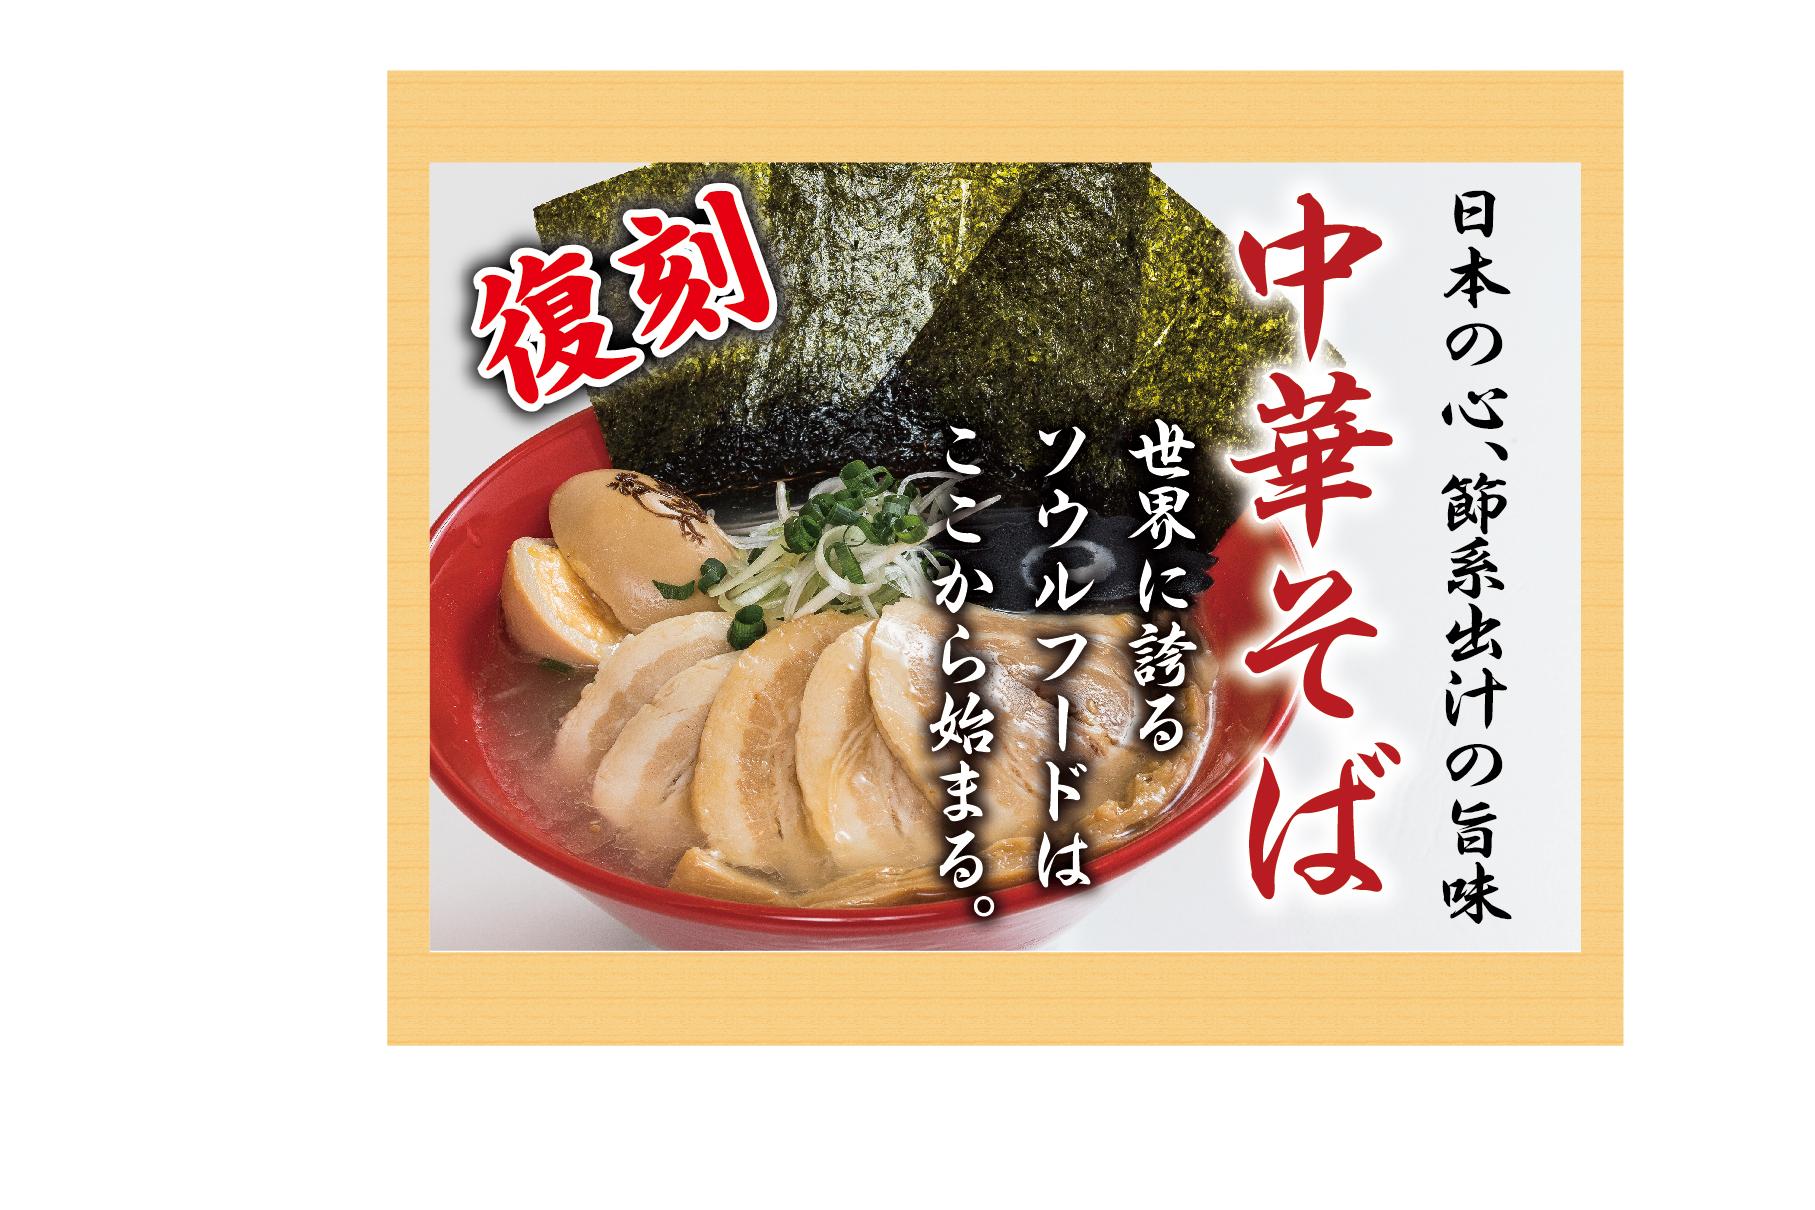 元祖懐かしい日本のラーメン